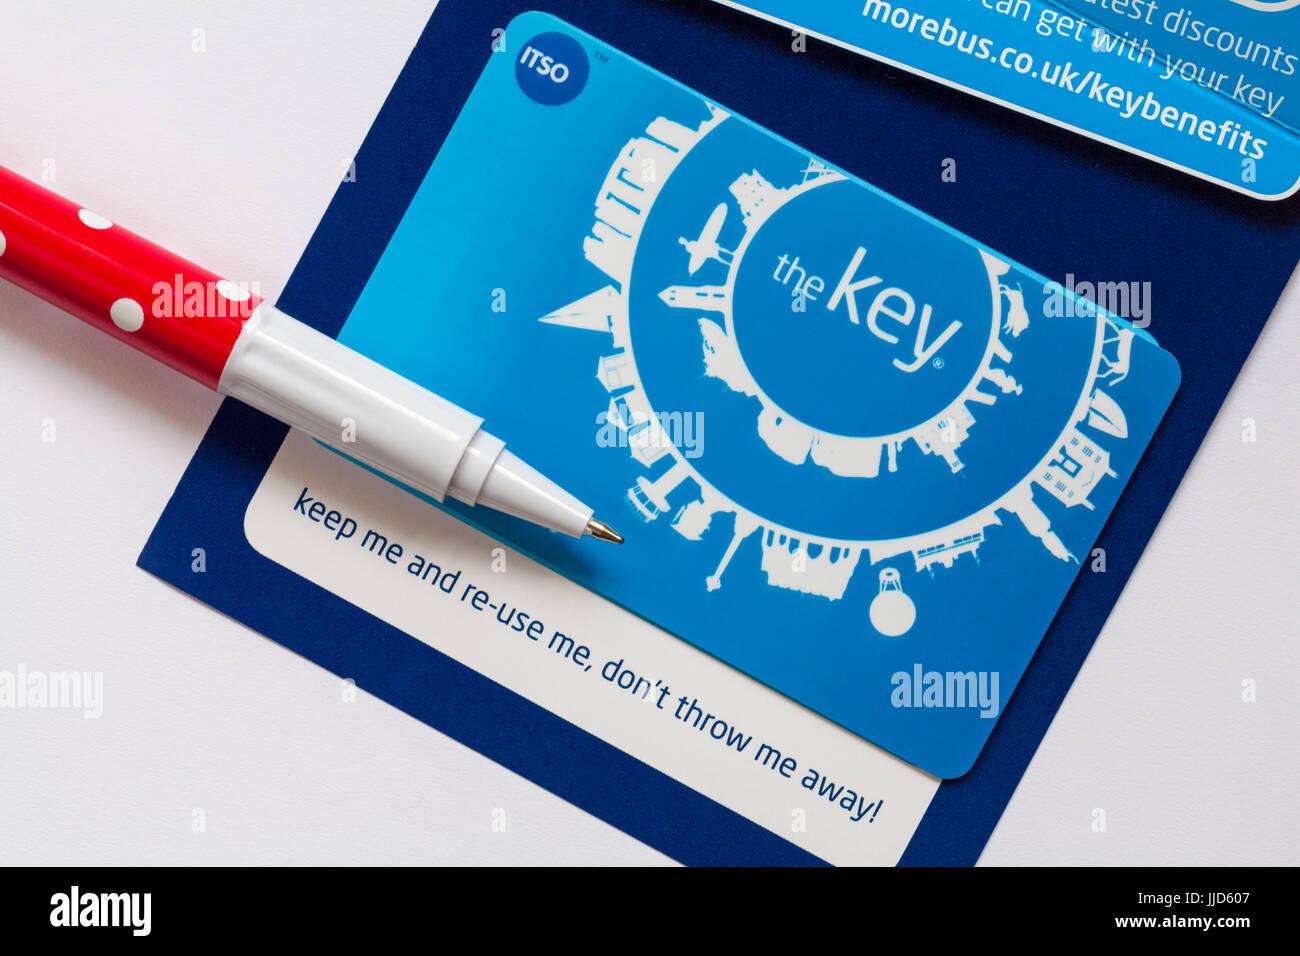 Più di autobus la chiave smartcard per acquistare biglietti autobus online in anticipo e ottieni sconti Immagini Stock